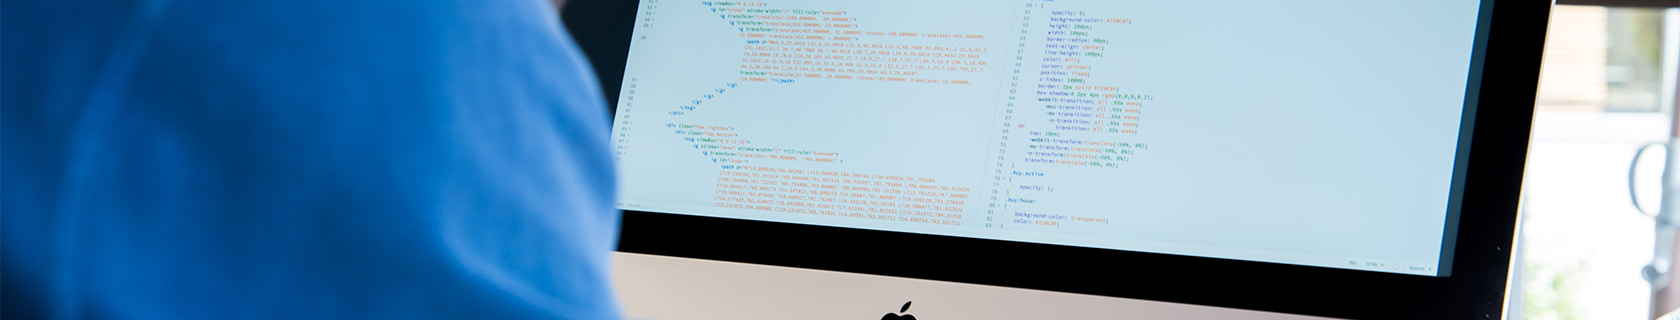 Hintergrundbild Programmierung – Fachbereich Informatik